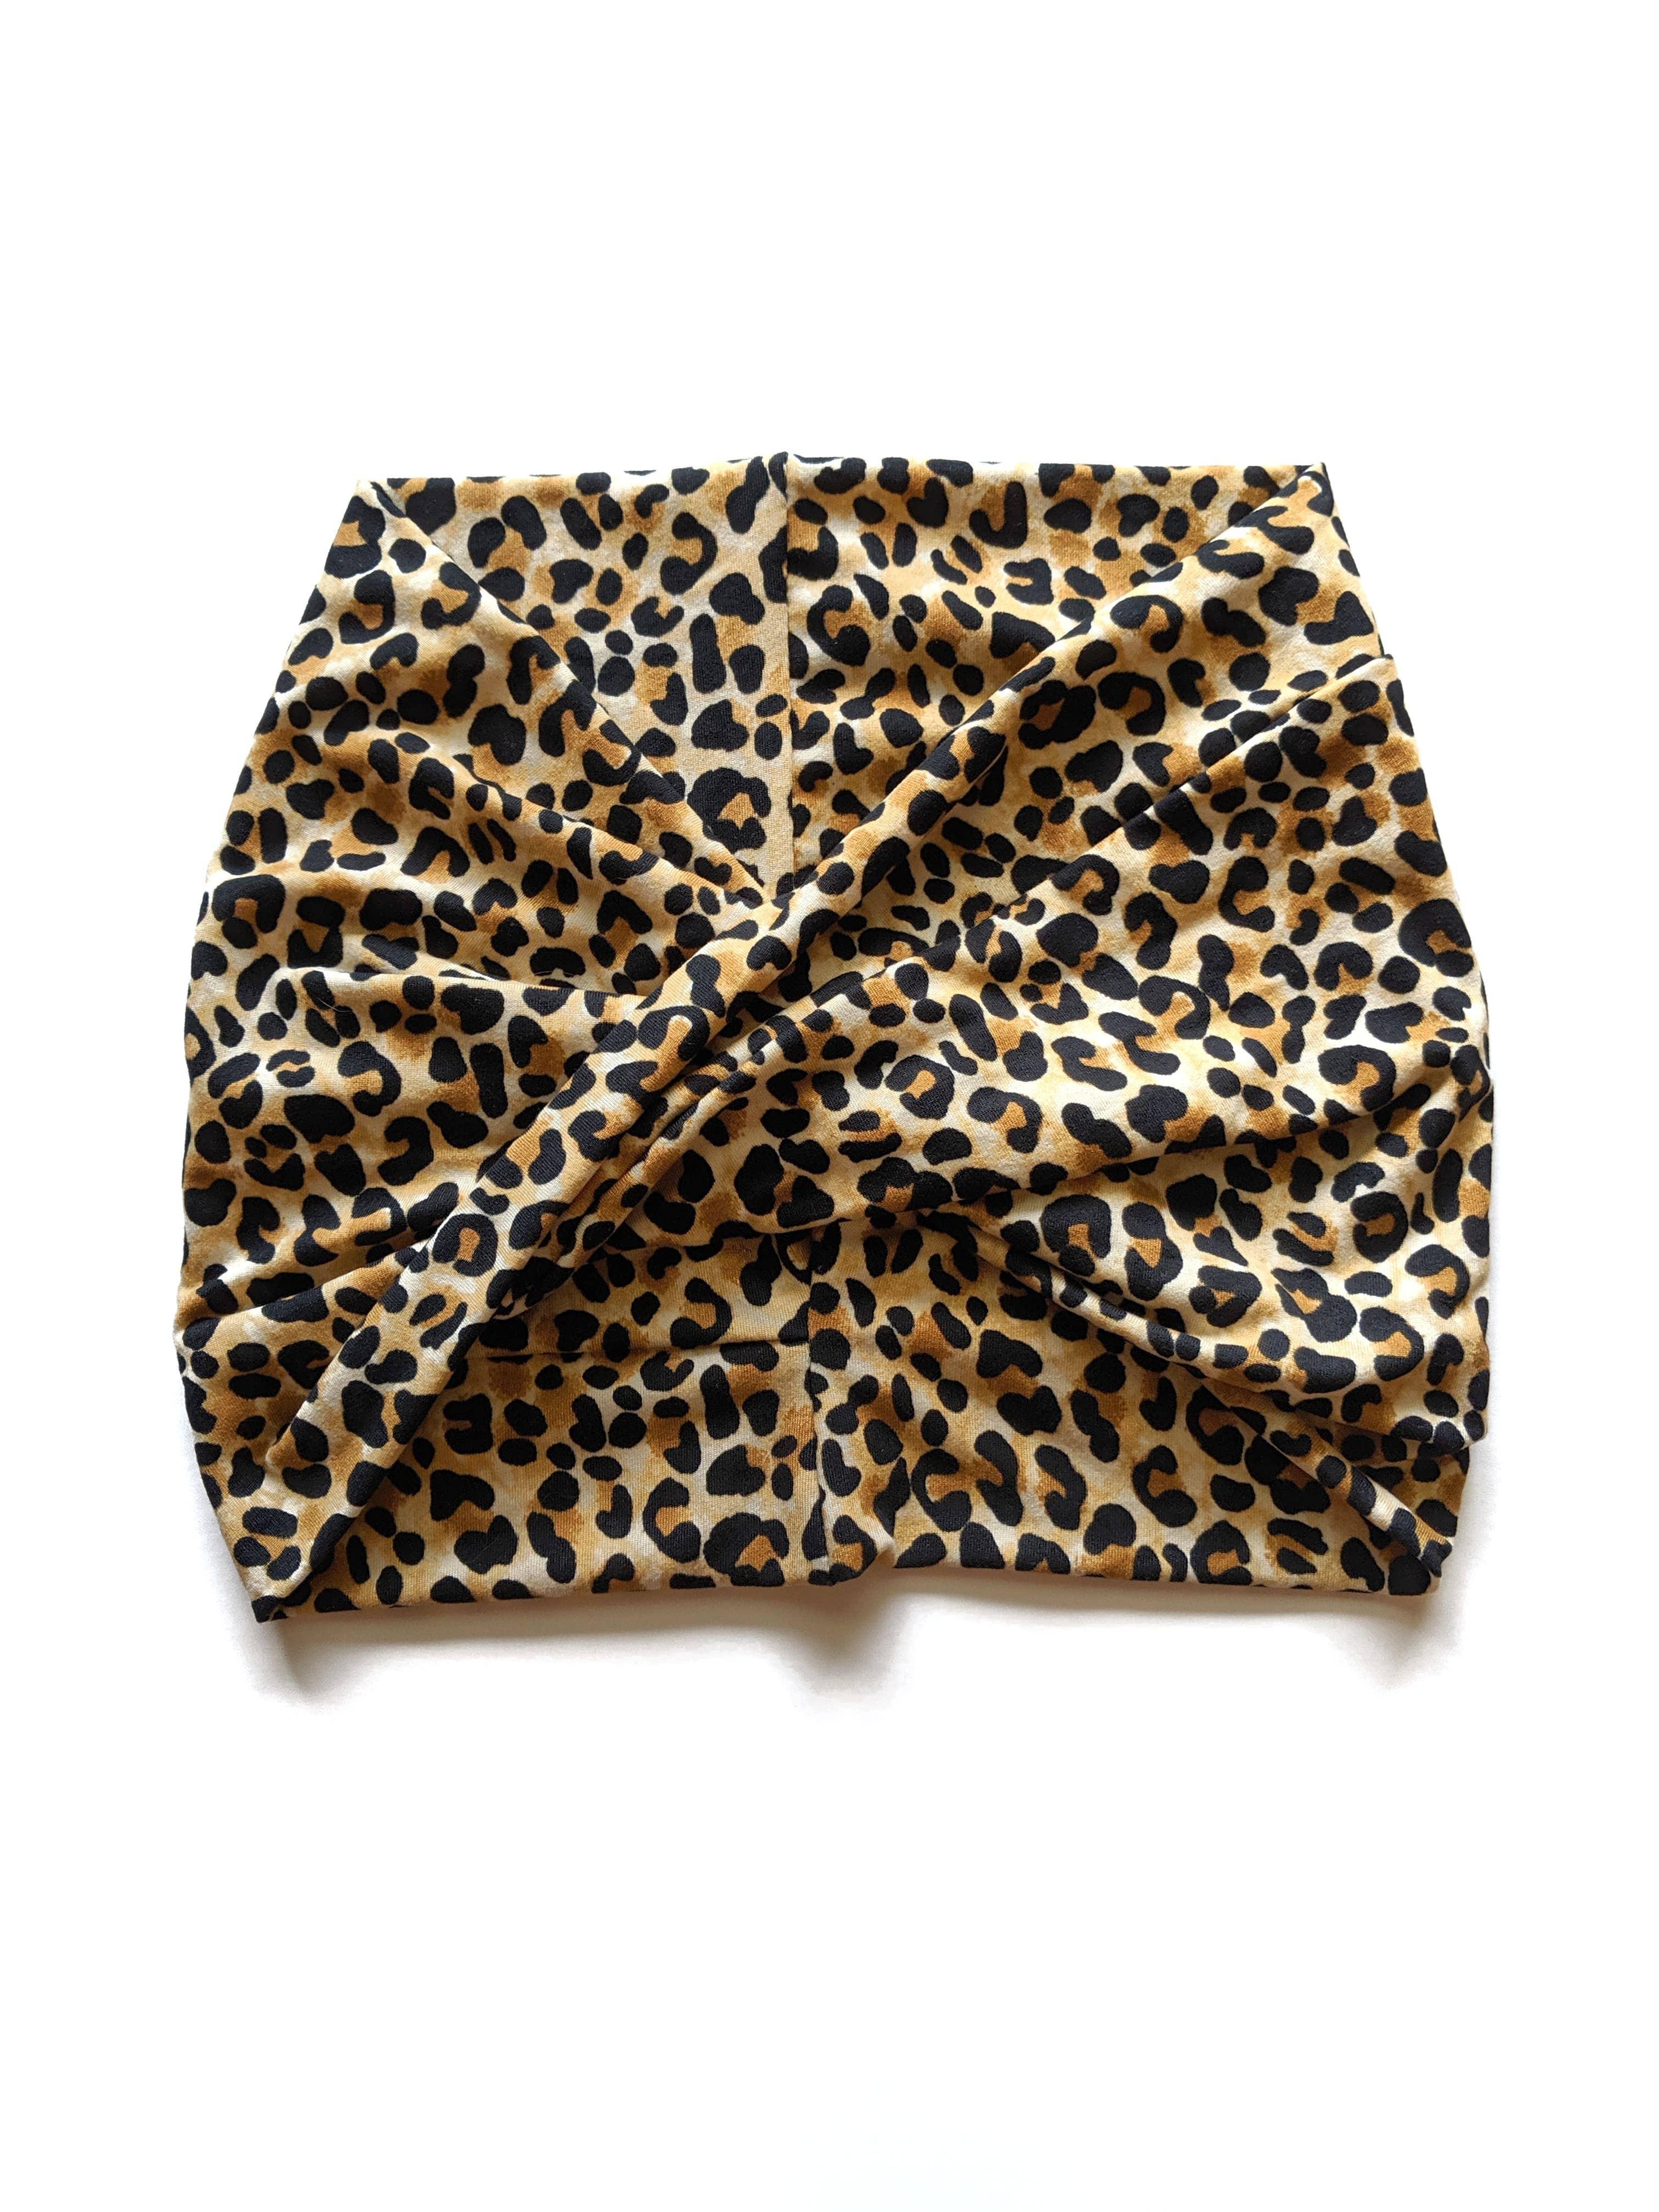 Leopard  - Wide Headband | Turban | Twist | Yoga | Trada Marketplace